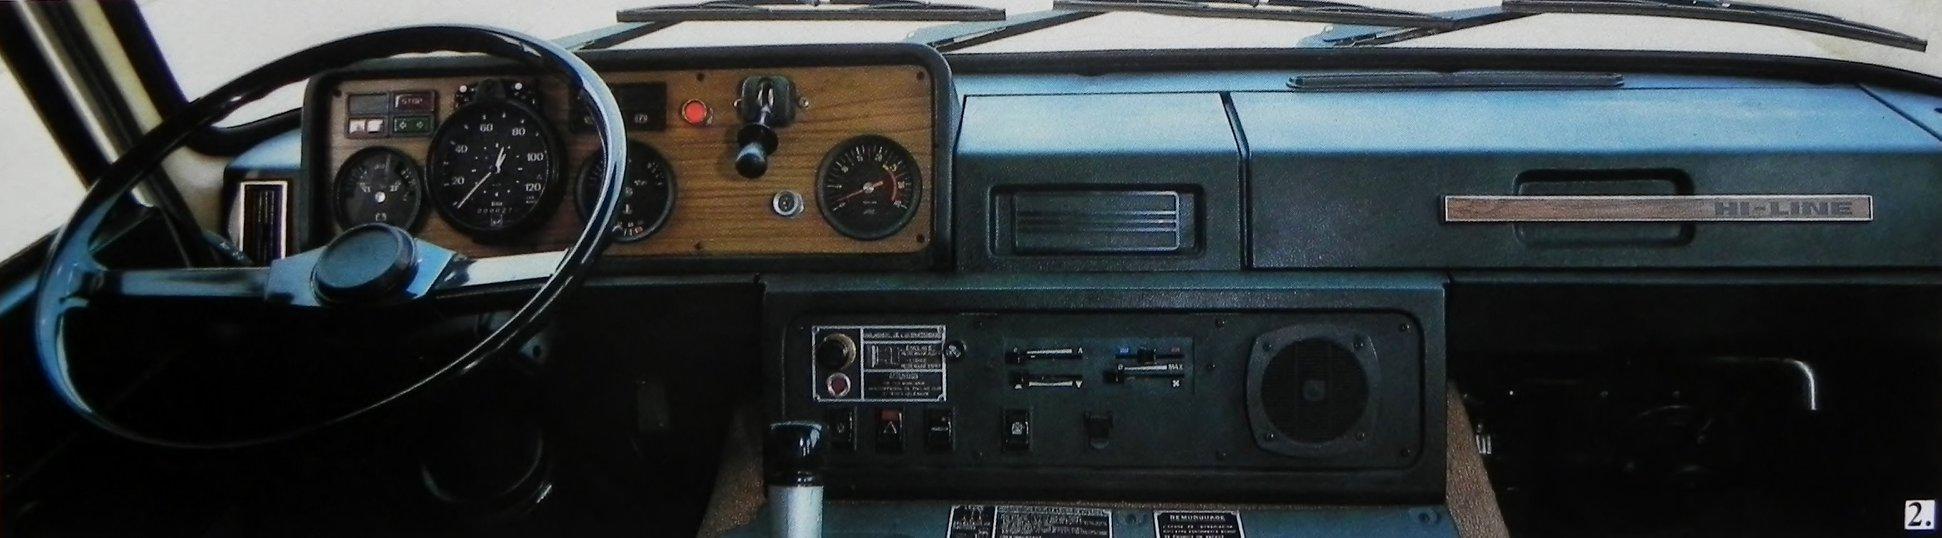 Dodge--300-C17-1980-5